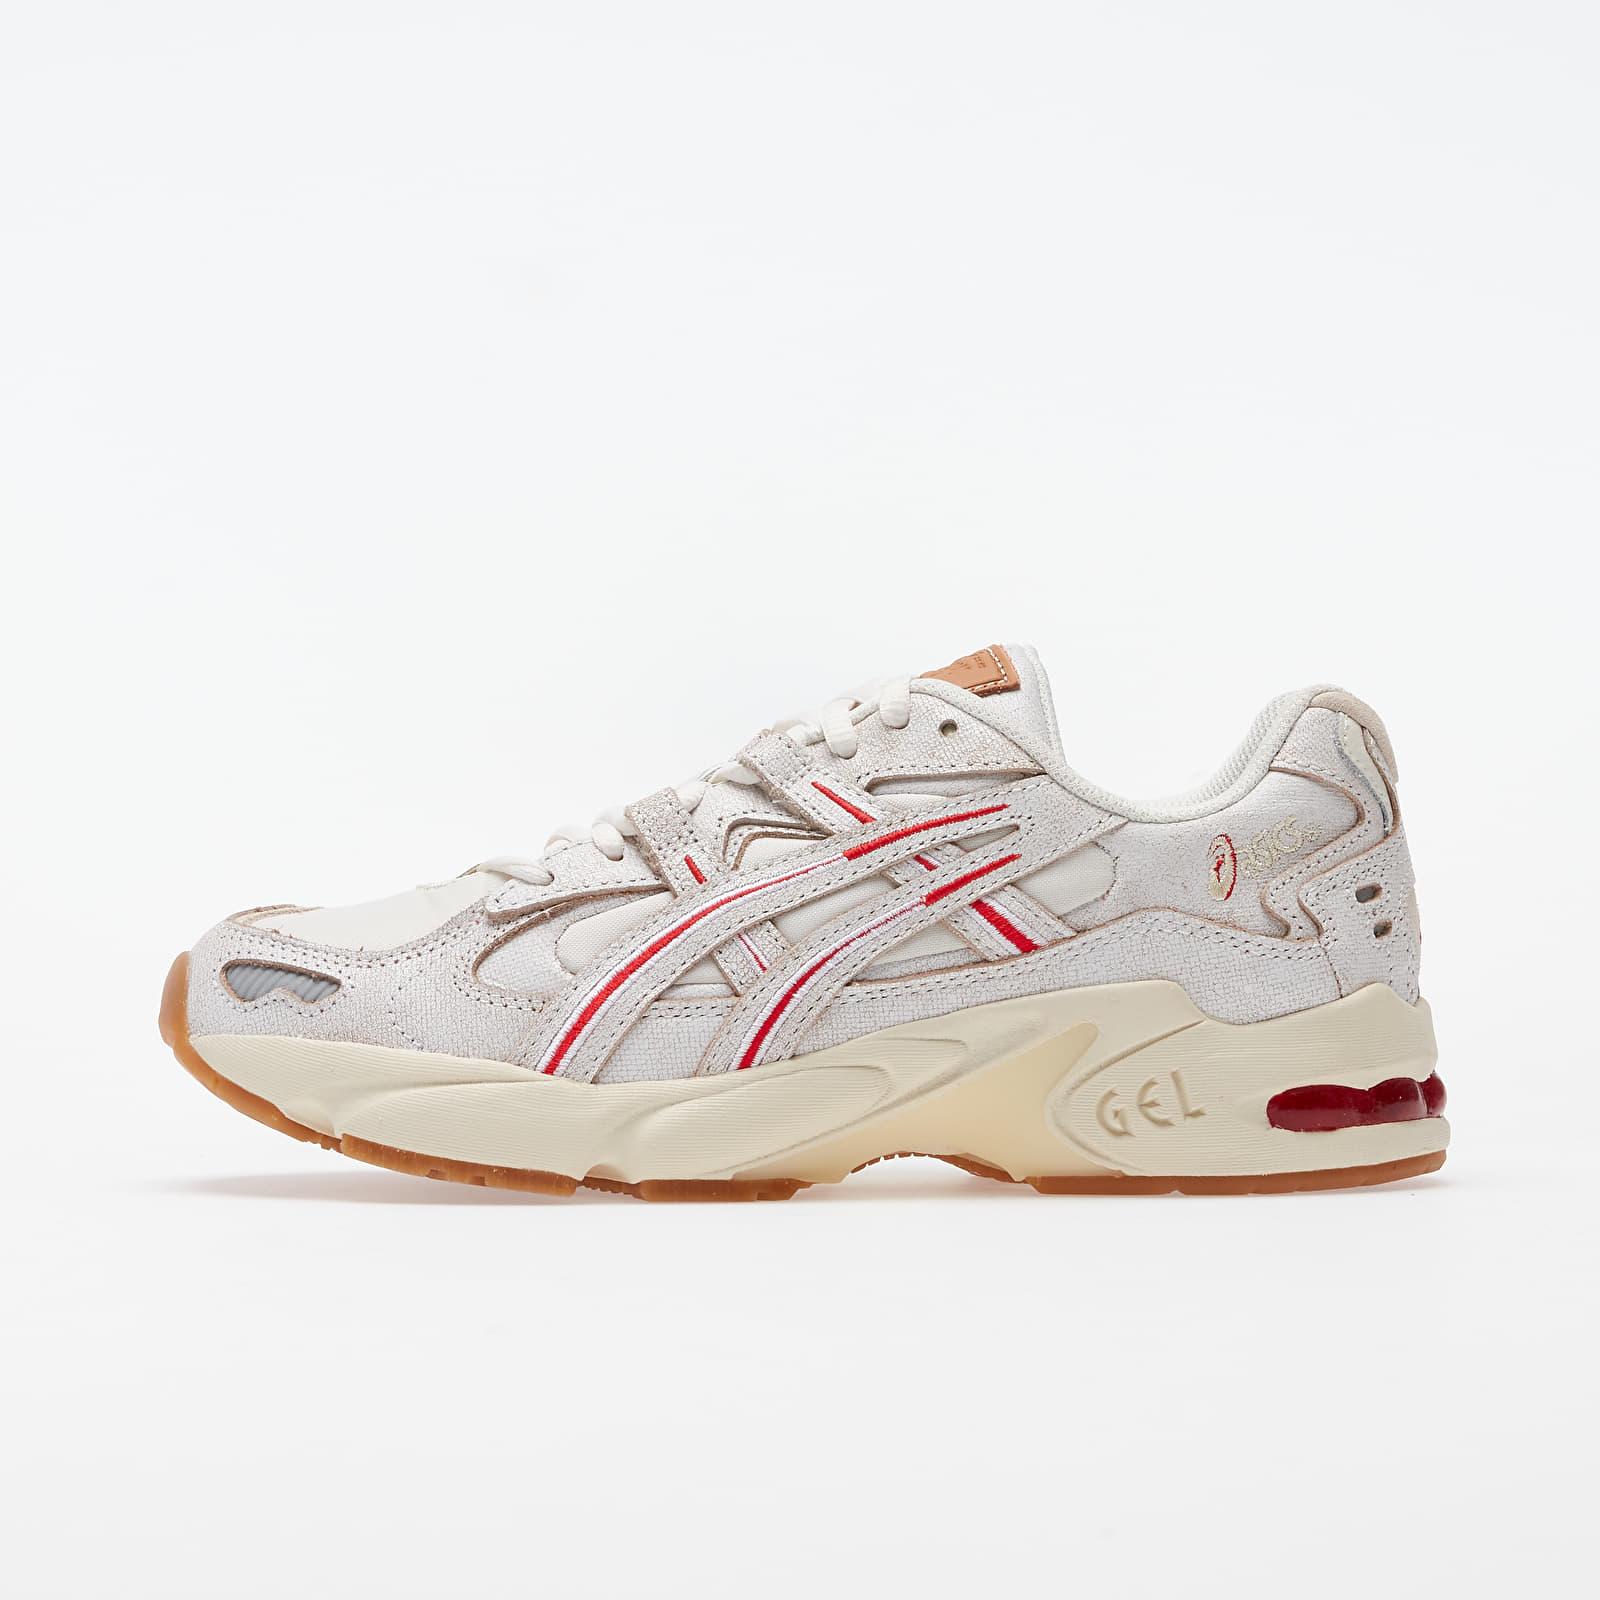 Dámske topánky a tenisky Asics Gel-Kayano 5 OG Cream/ White